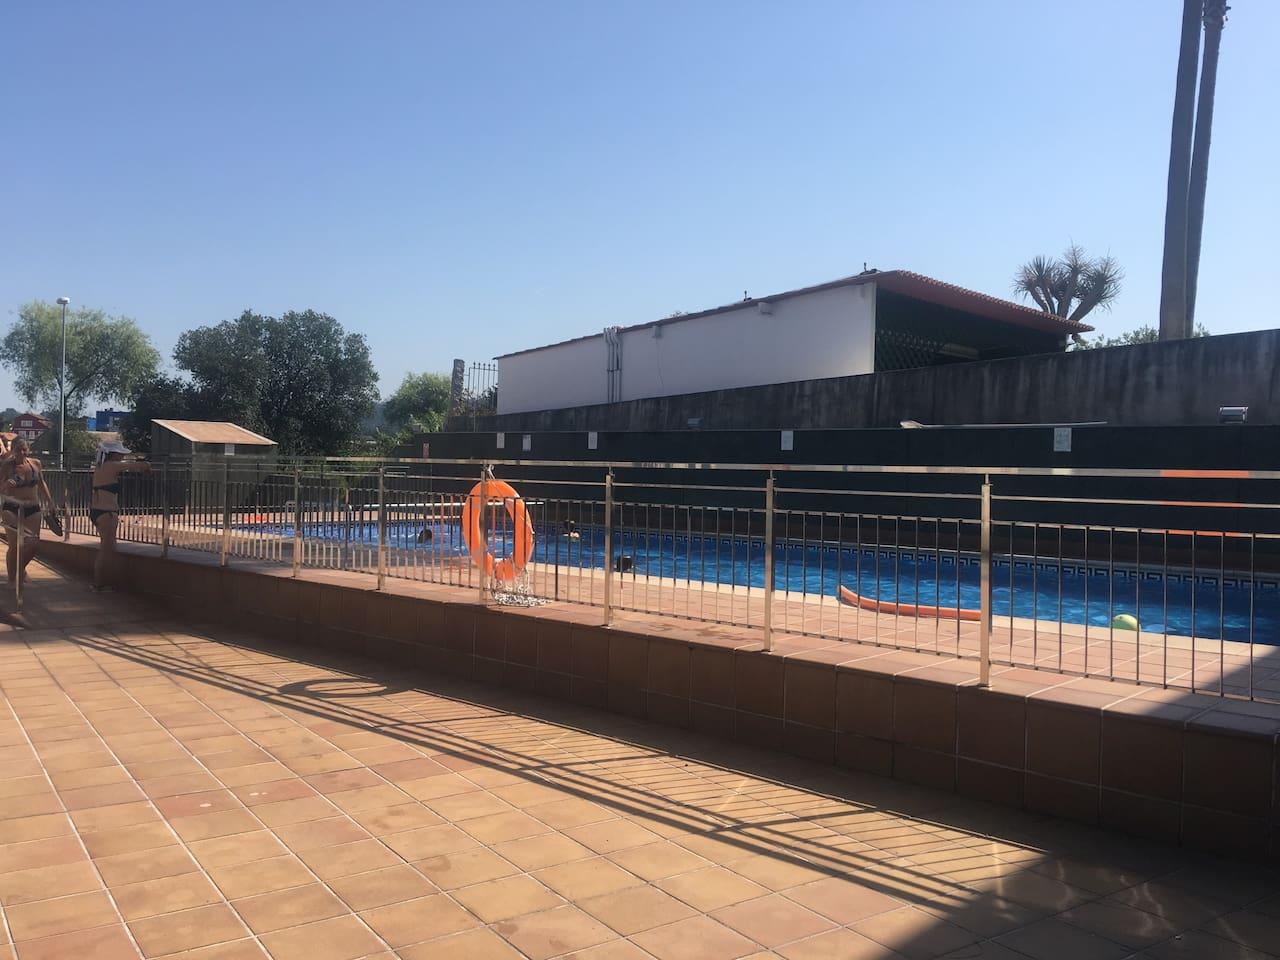 Picina gratuita y patio en el edificio con vistas a la Ría de Pontevedra